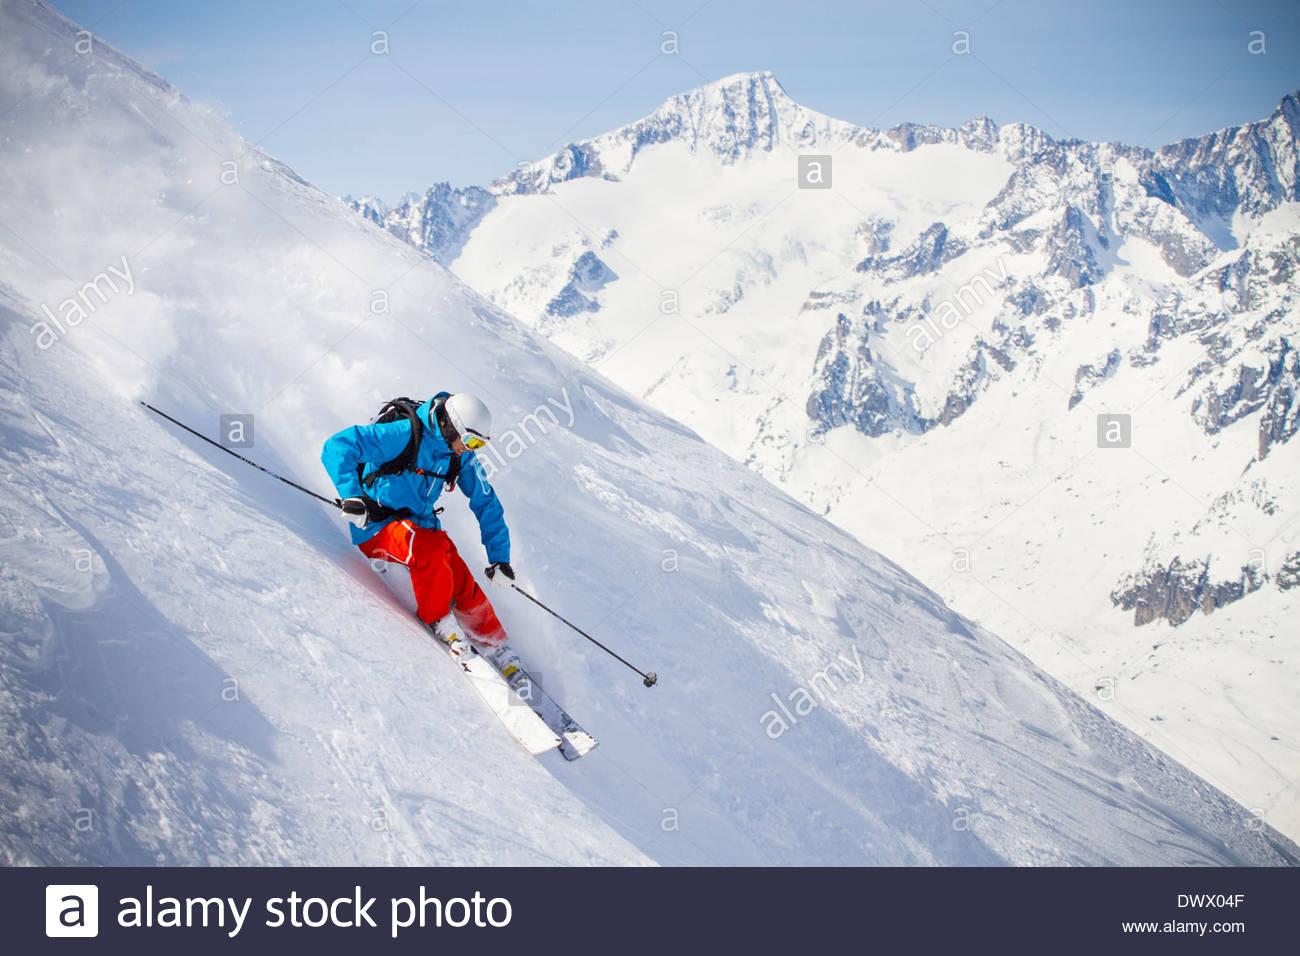 La longitud total del hombre en la montaña de esquí pendiente Imagen De Stock